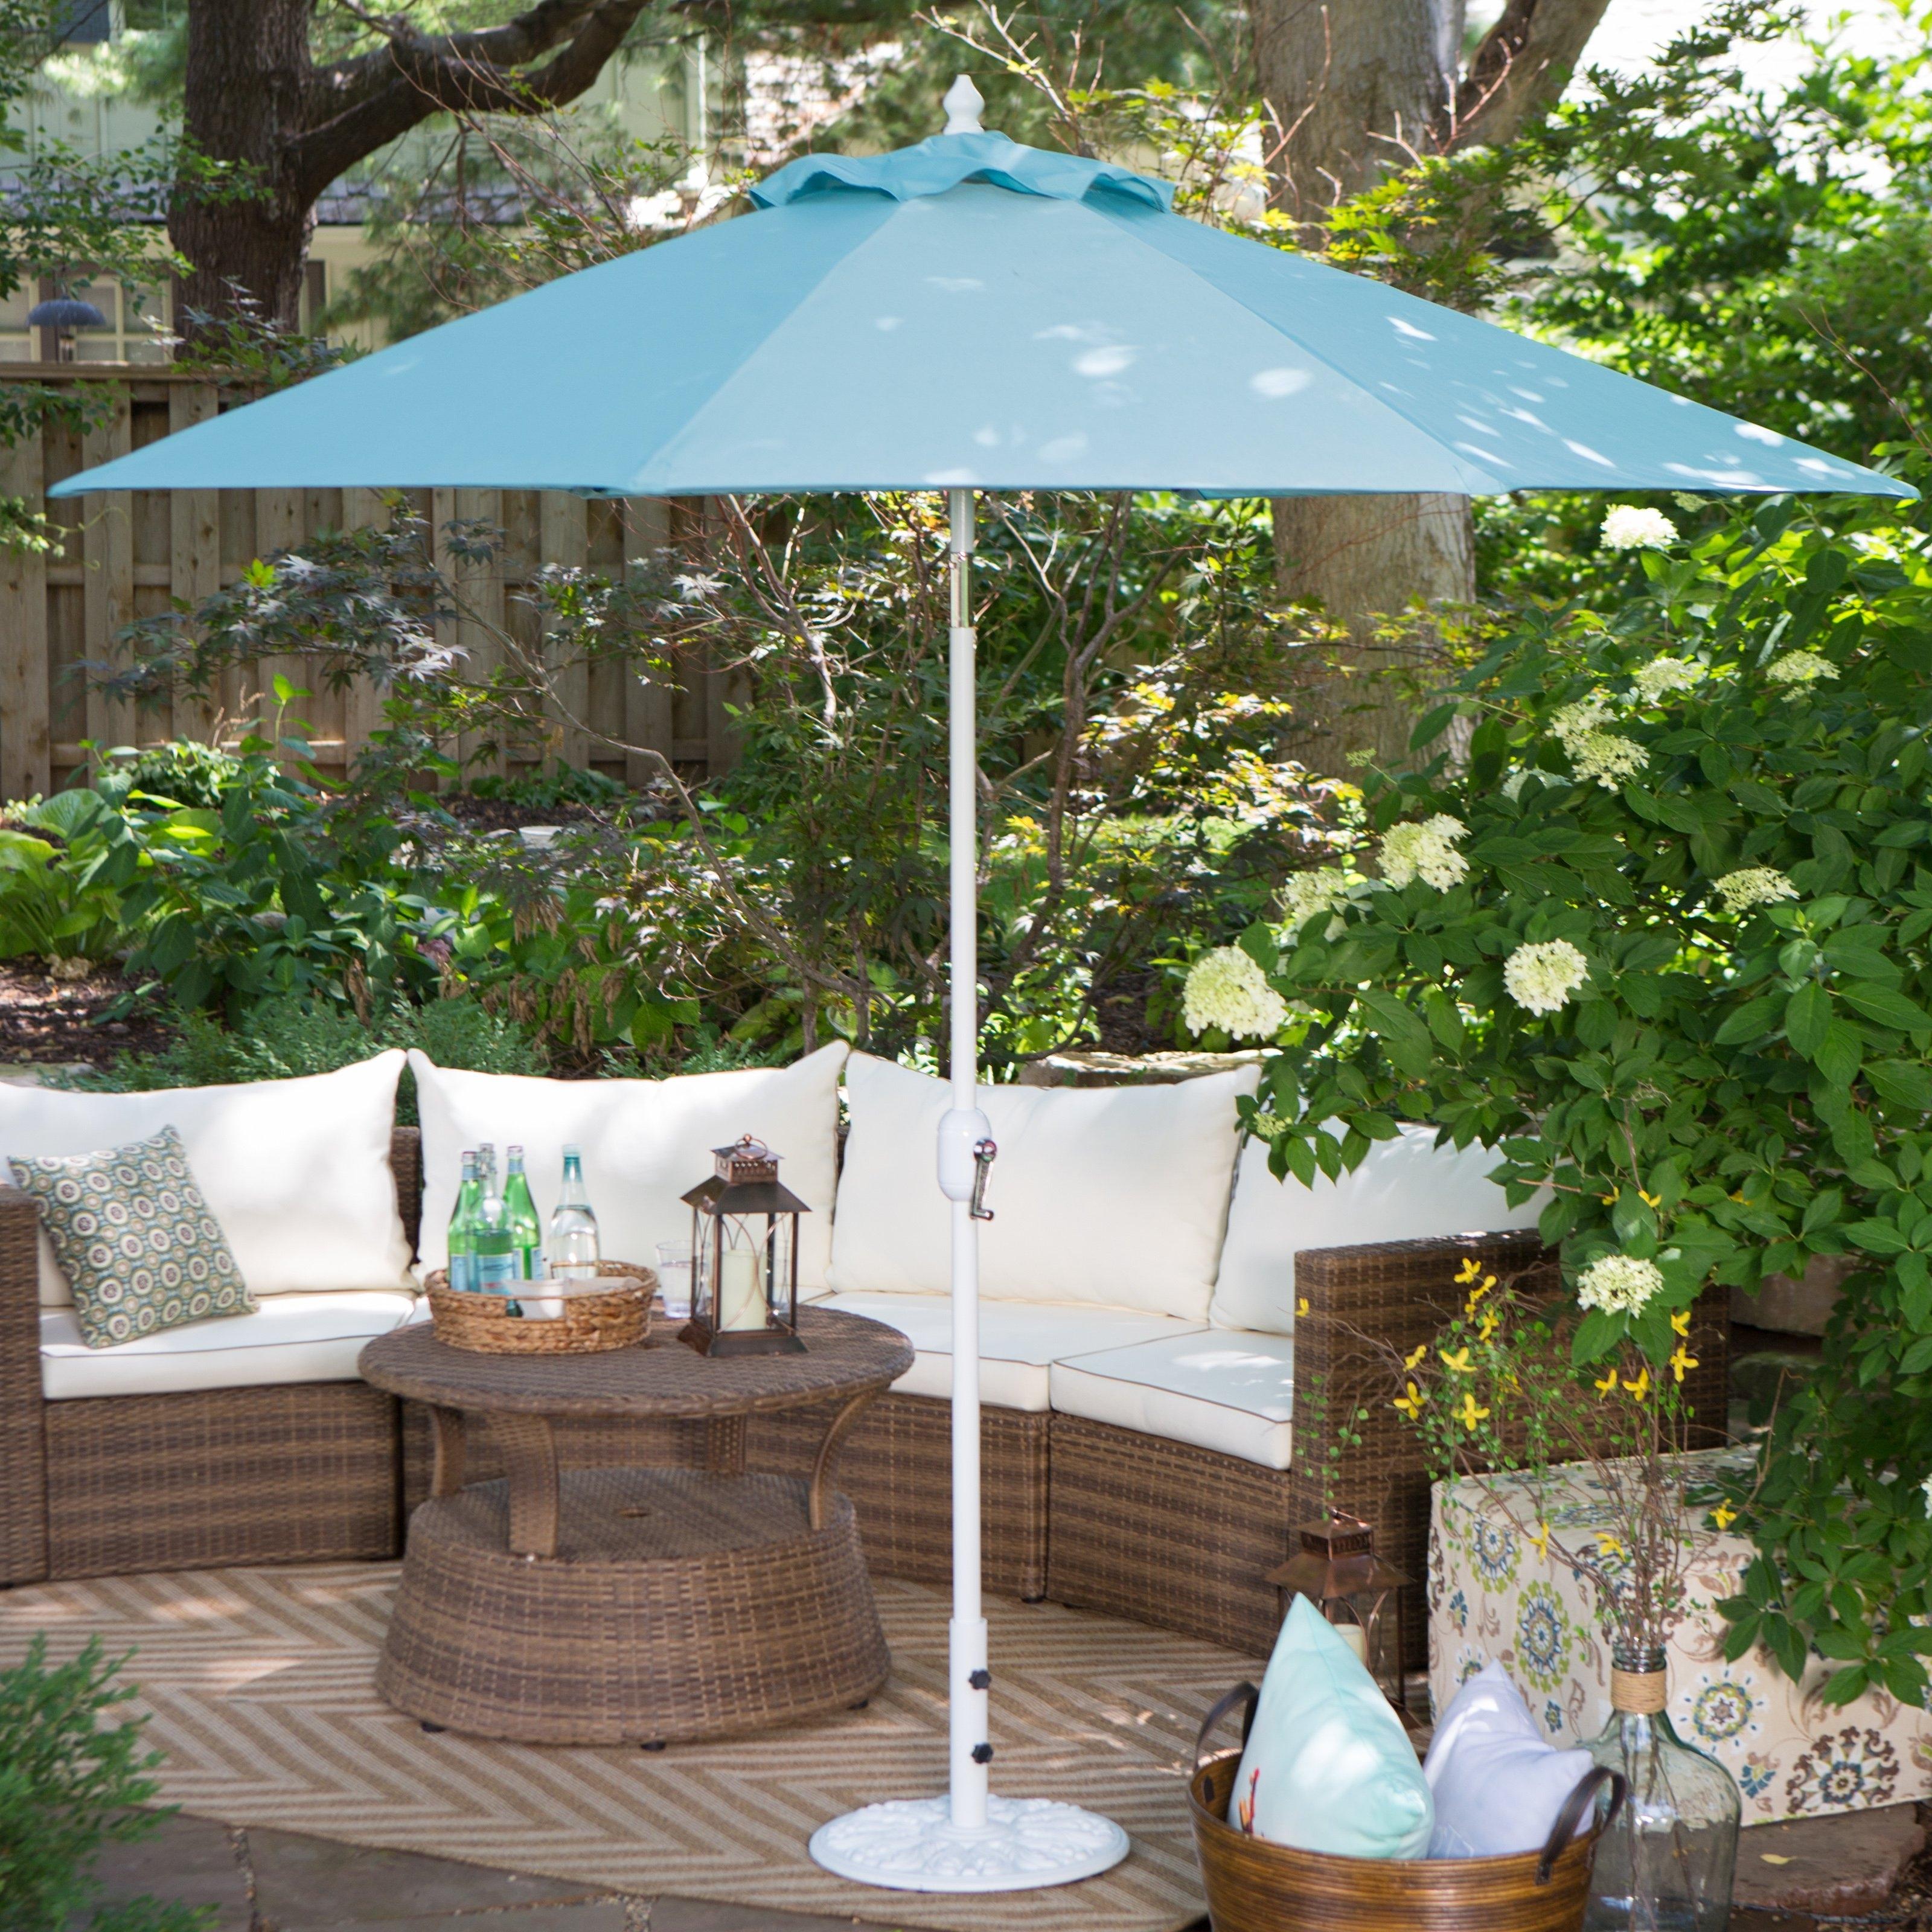 Hayneedle In Widely Used Sunbrella Outdoor Patio Umbrellas (View 19 of 20)